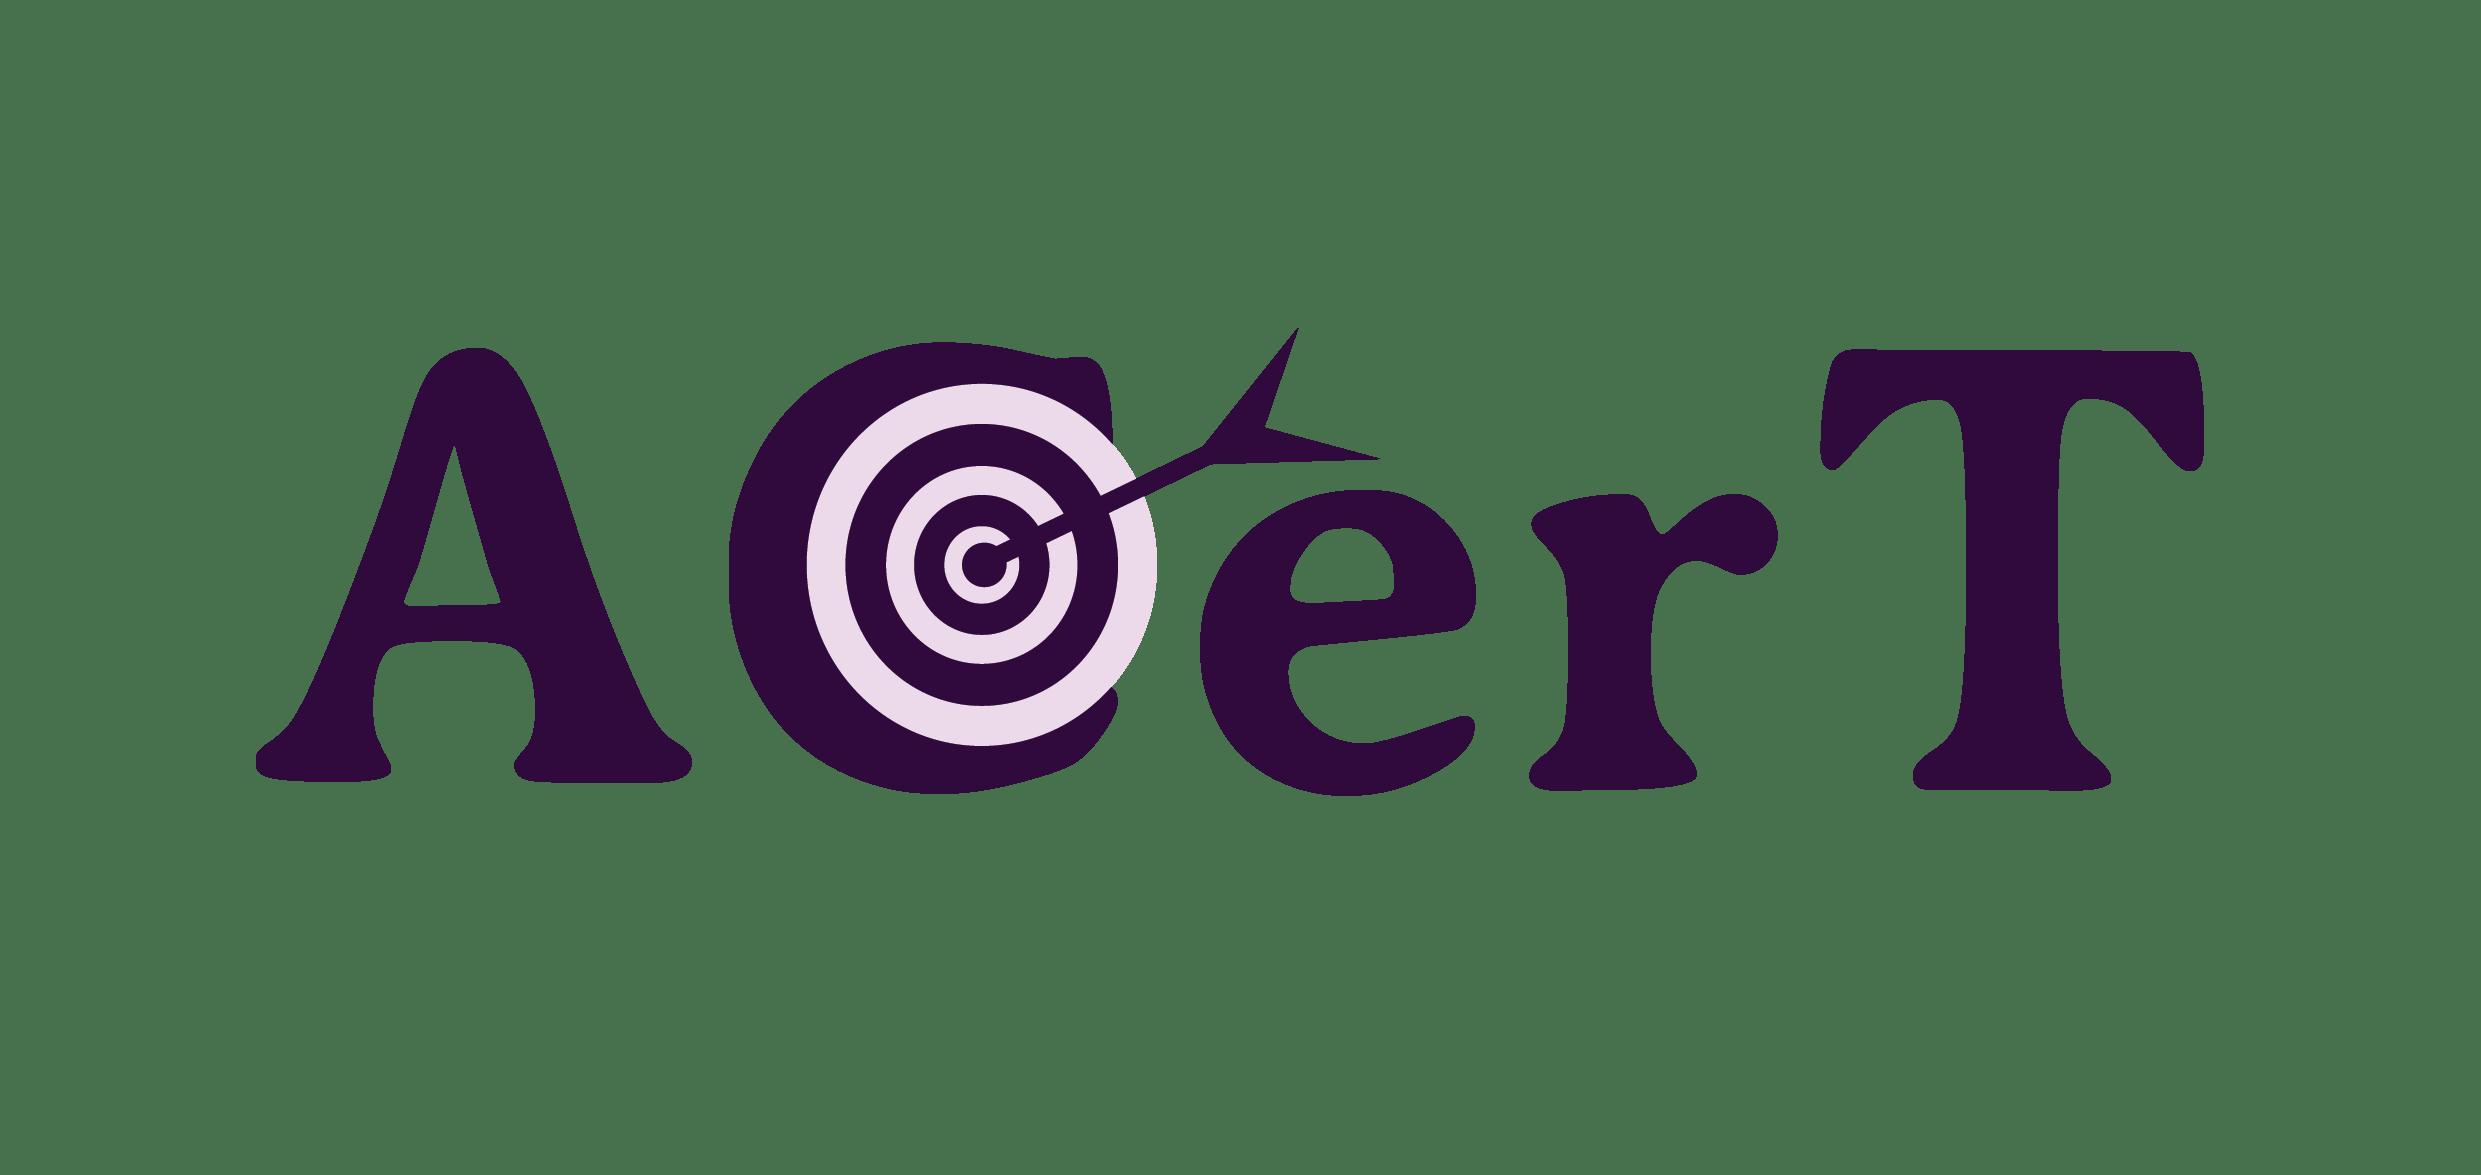 ACerT